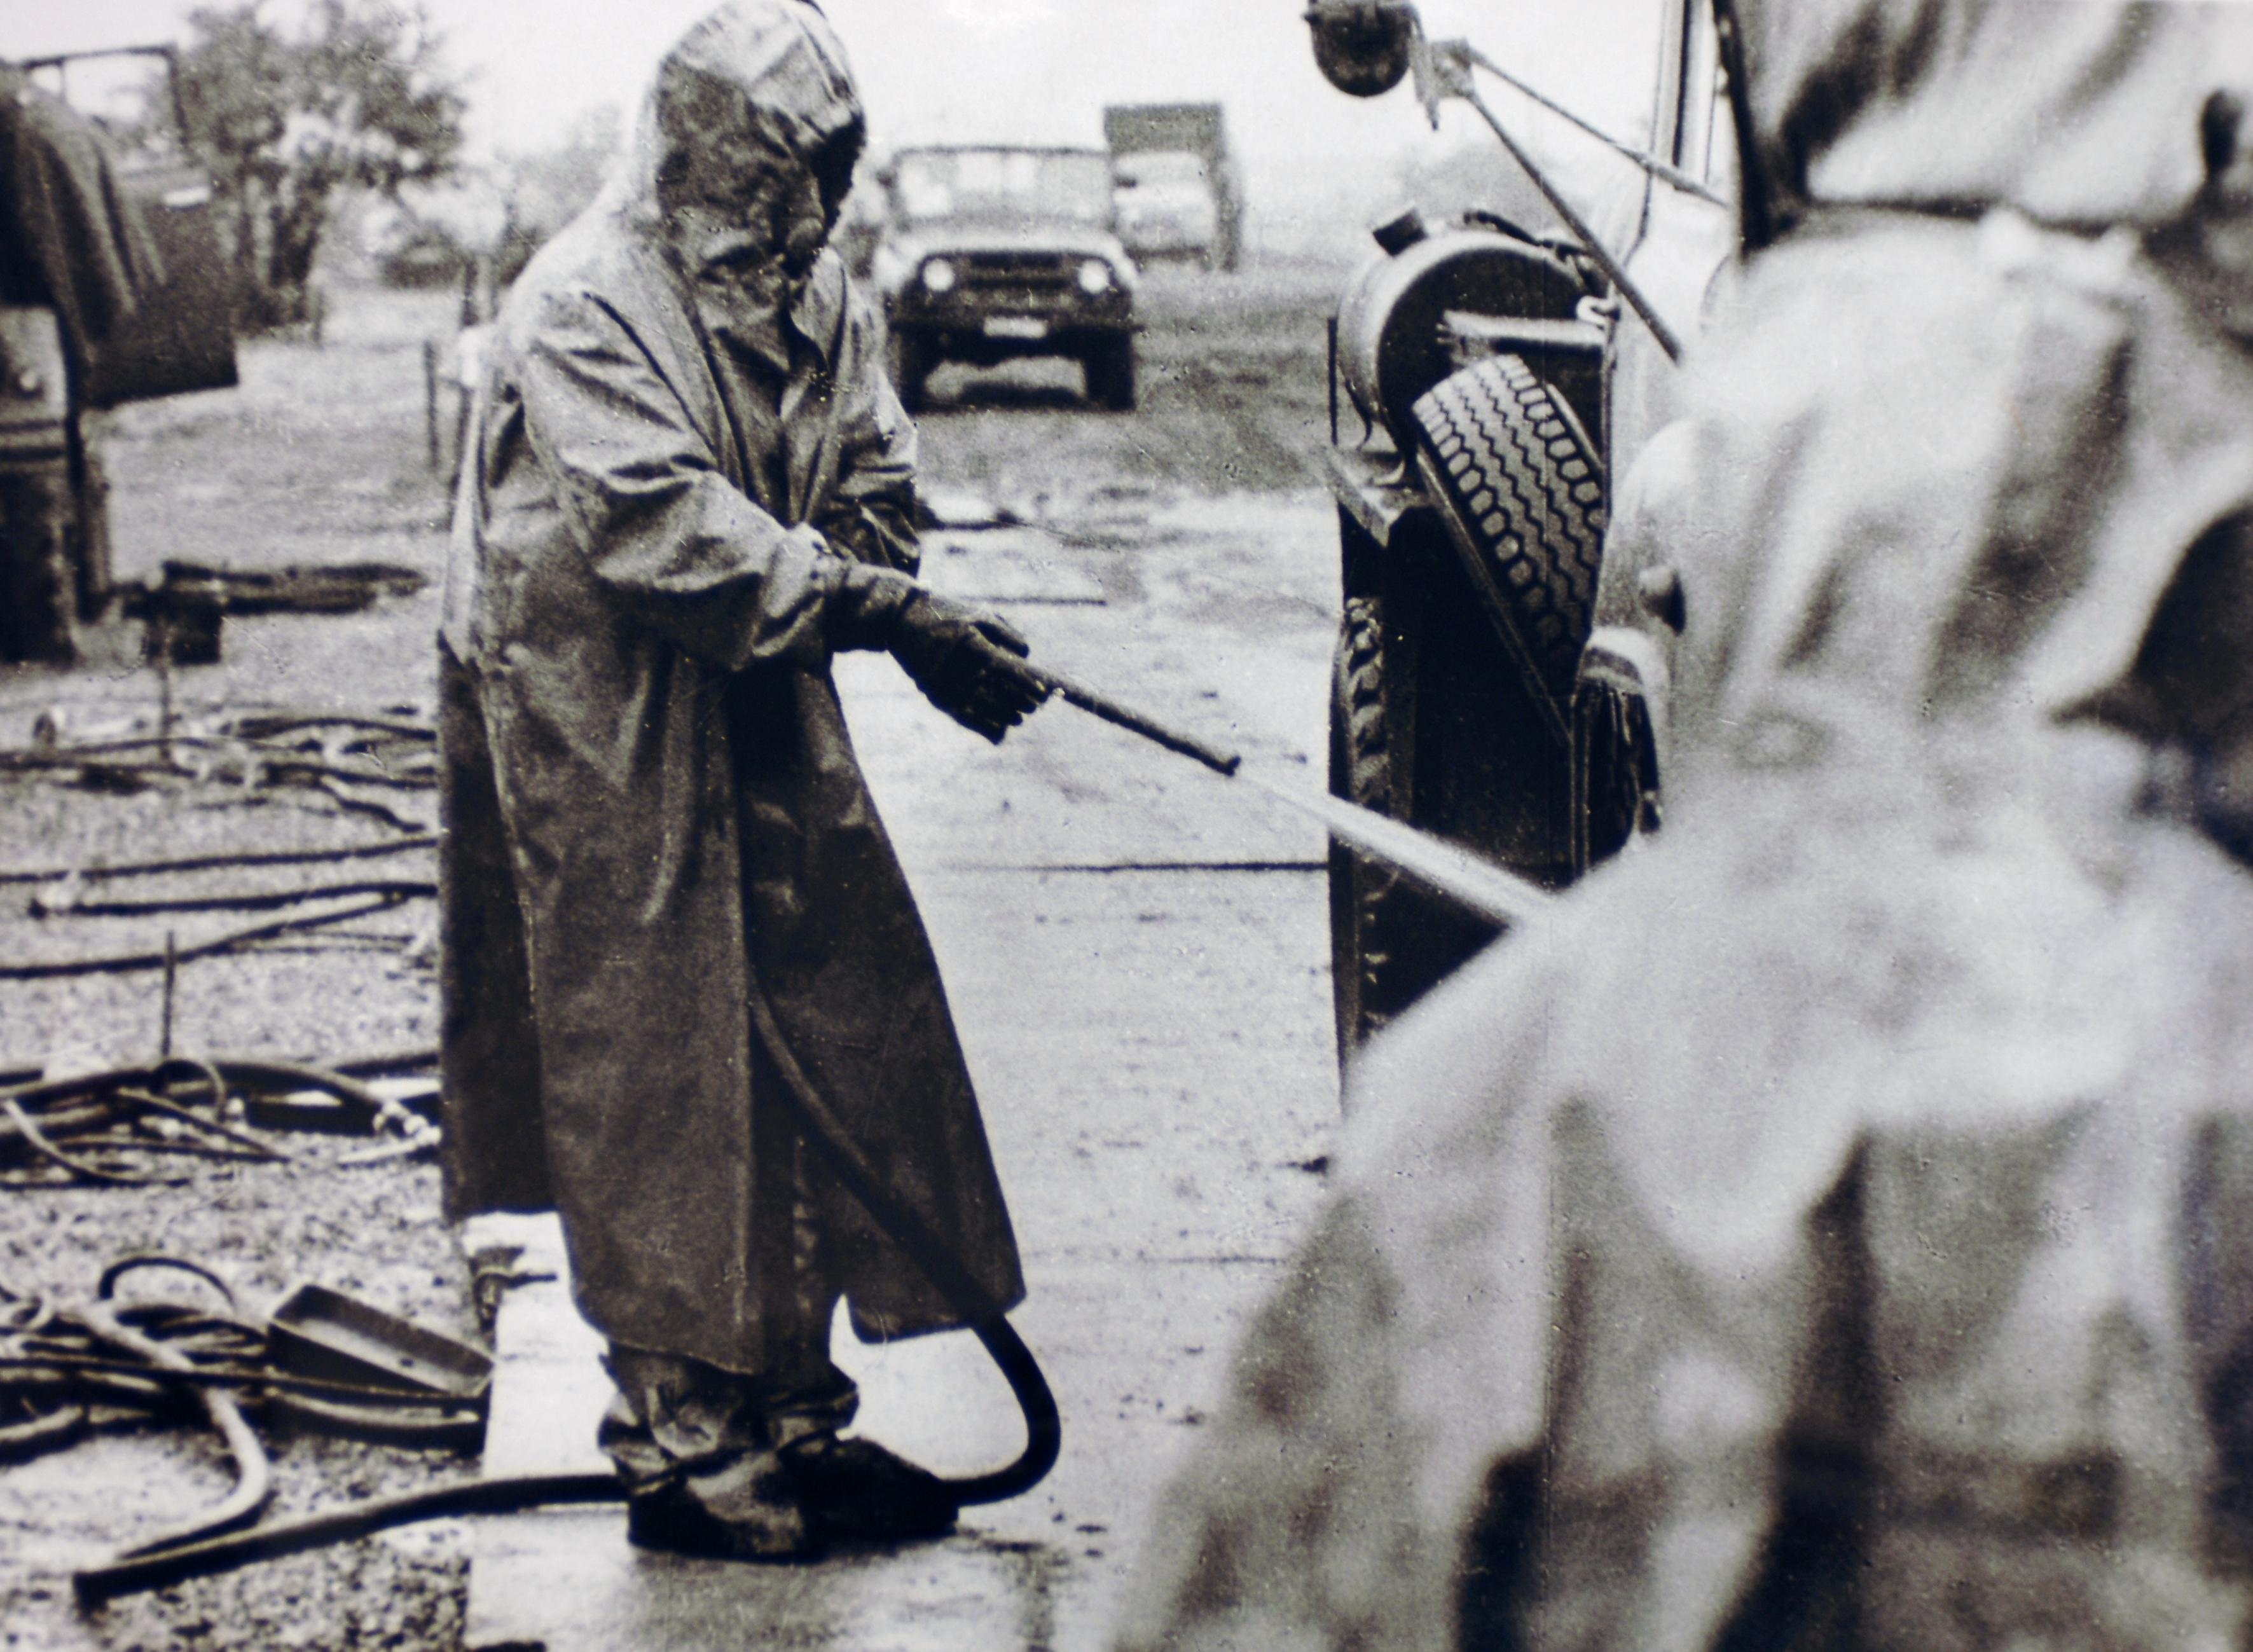 Radnik čisti vozila od kontaminiranog radioaktivnog materijala nakon što su napustila zonu oko Černobila.